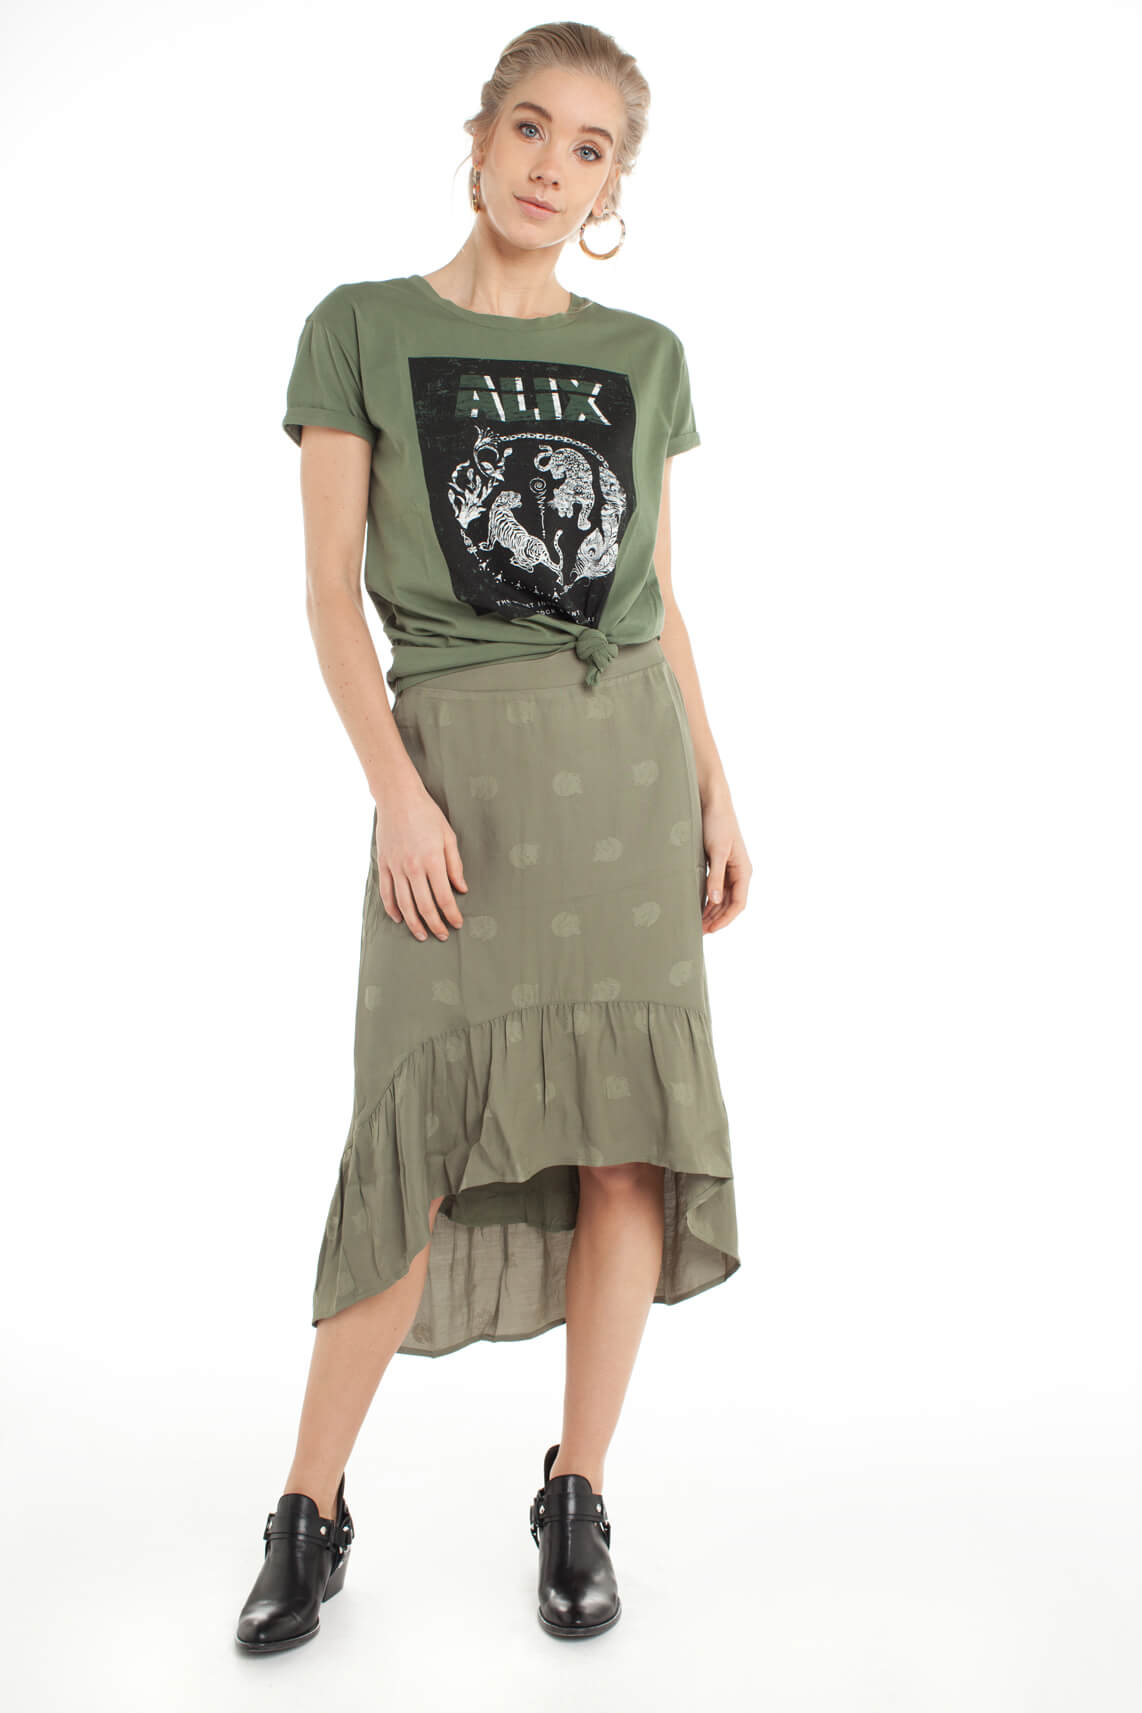 Alix The Label Dames Shirt met opdruk groen